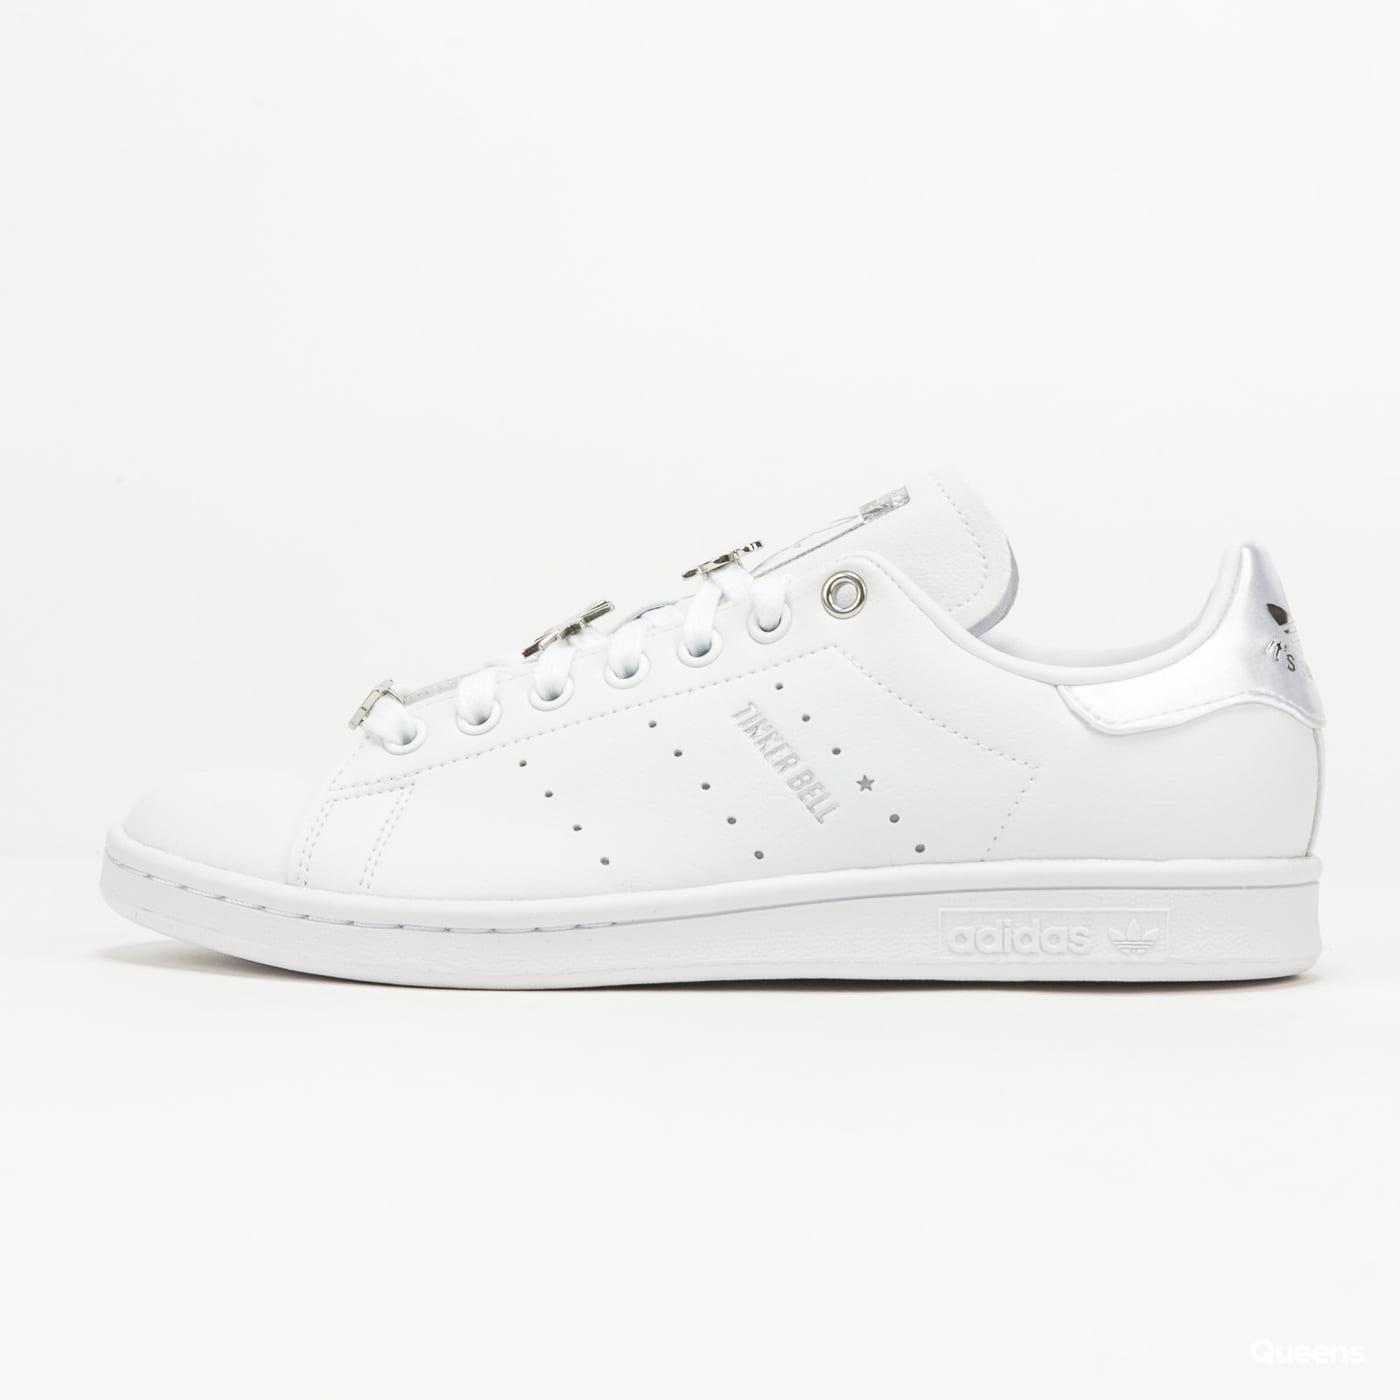 adidas Originals Stan Smith ftwwht / silvmt / scarle